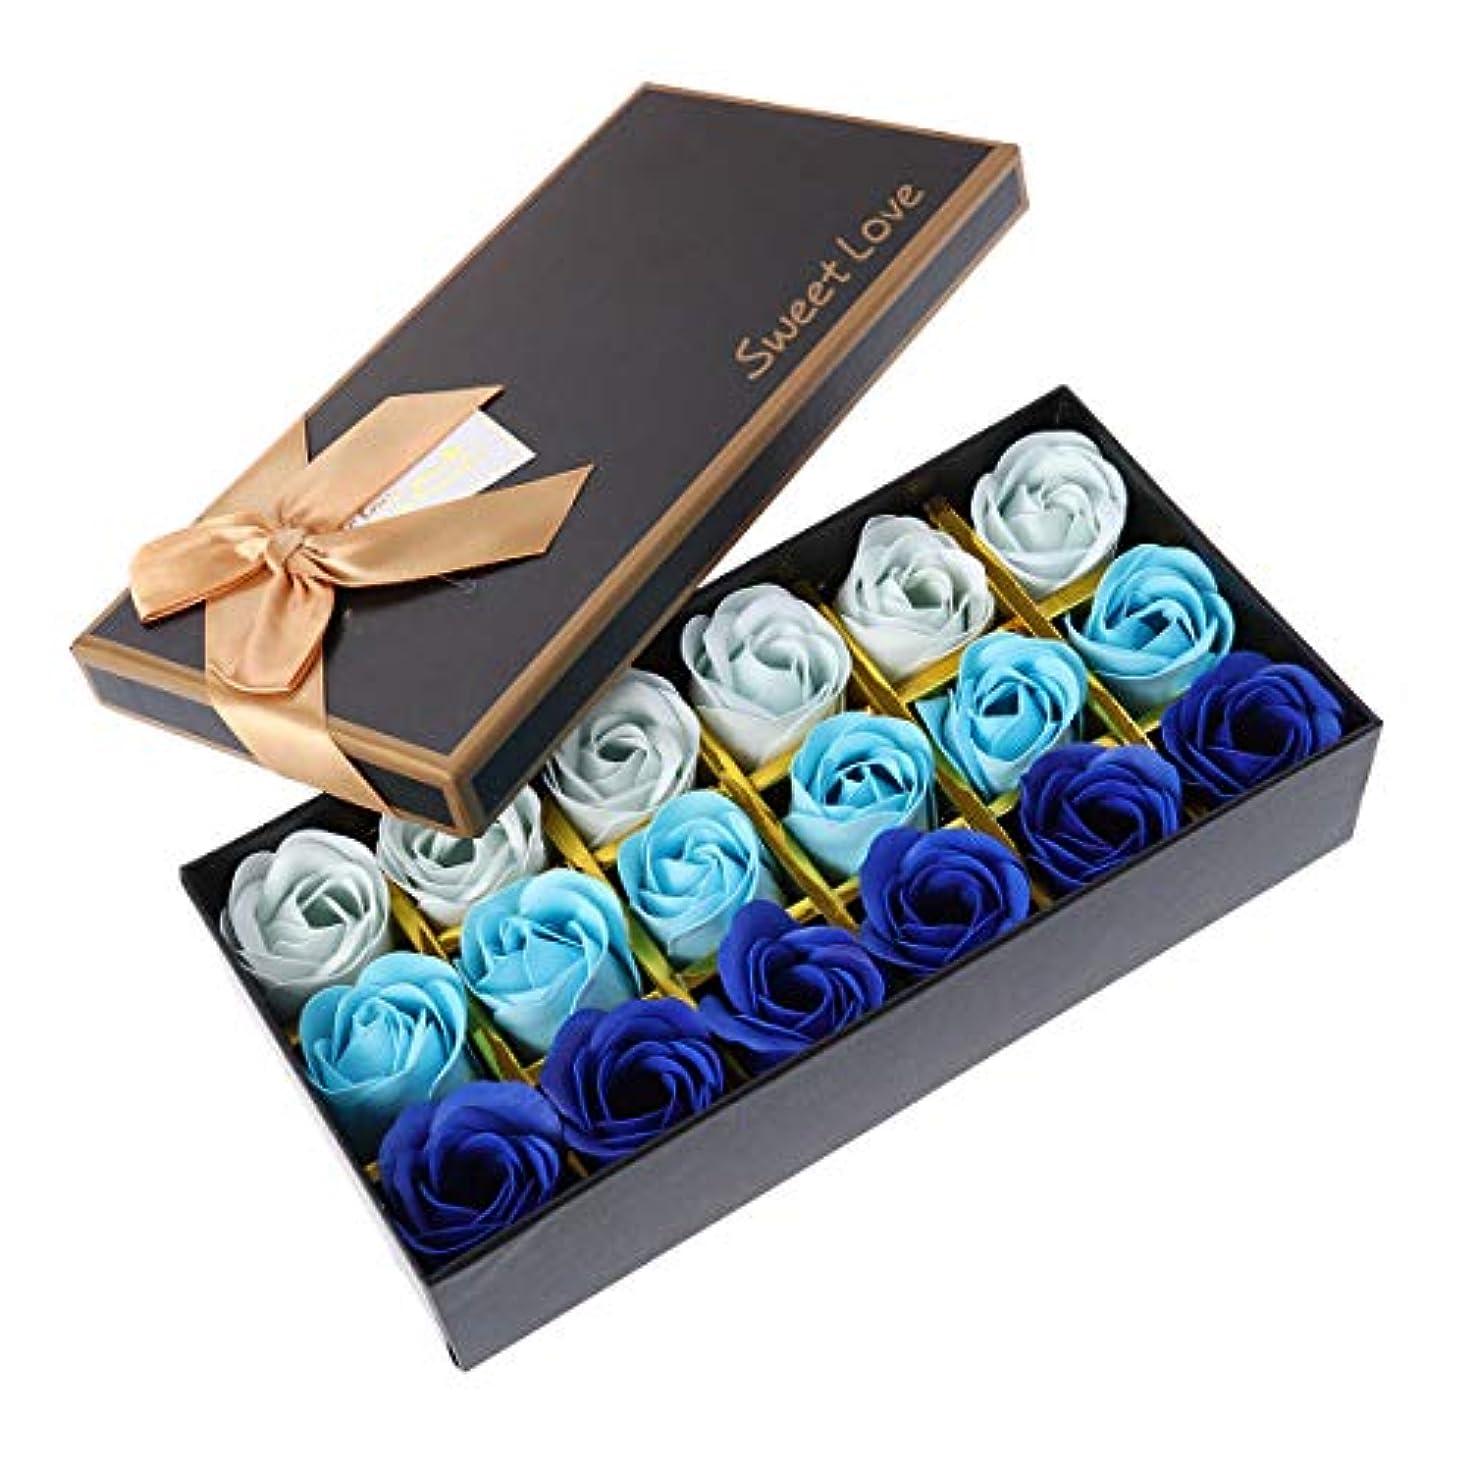 背が高い価格底Beaupretty バレンタインデーの結婚式の誕生日プレゼントのための小さなクマとバラの石鹸の花